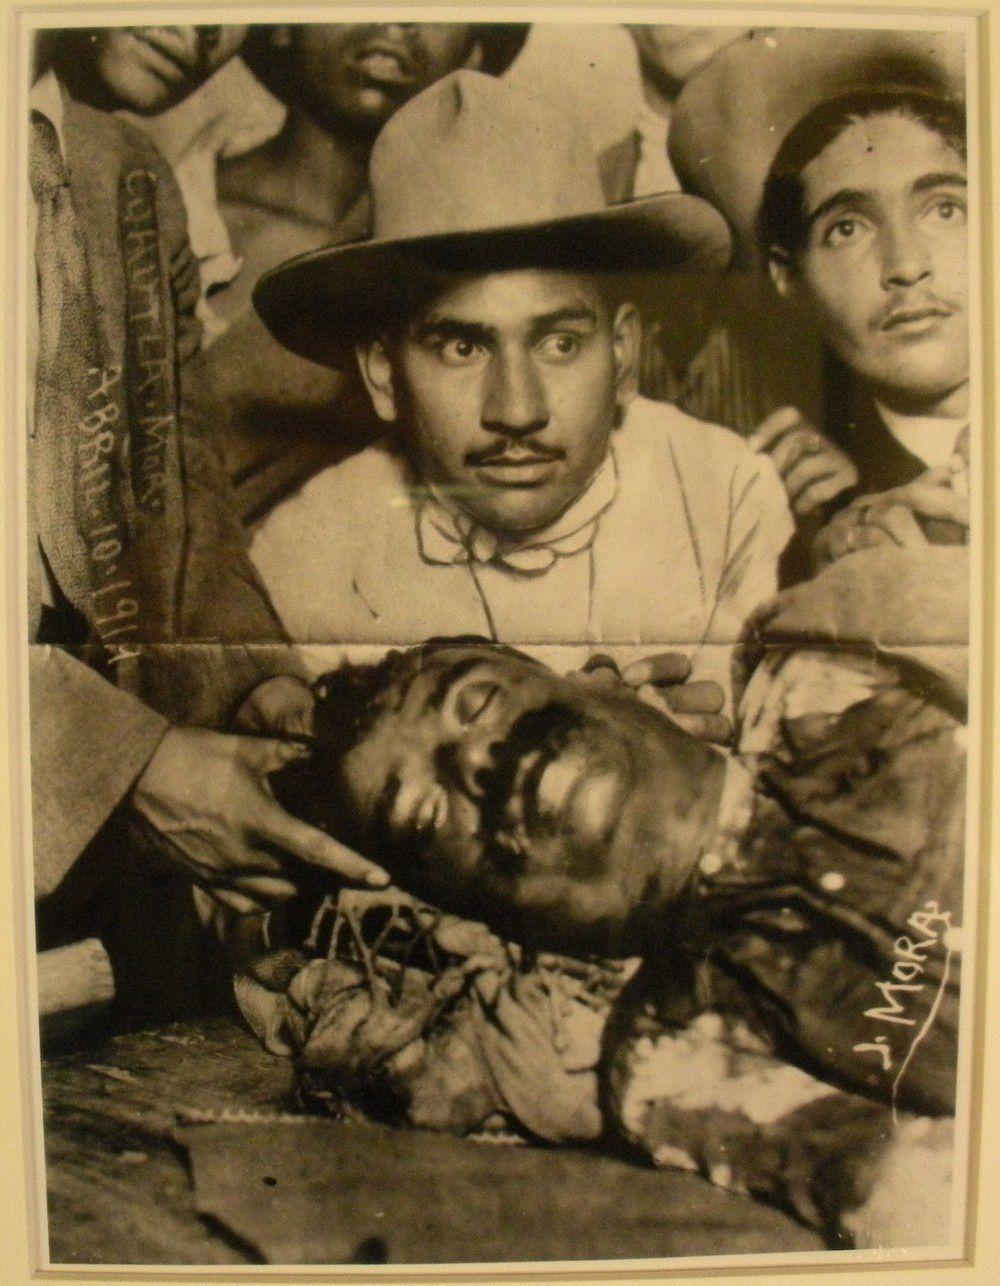 Au musée un des documents : la mort de Zapata. Une image poignante !